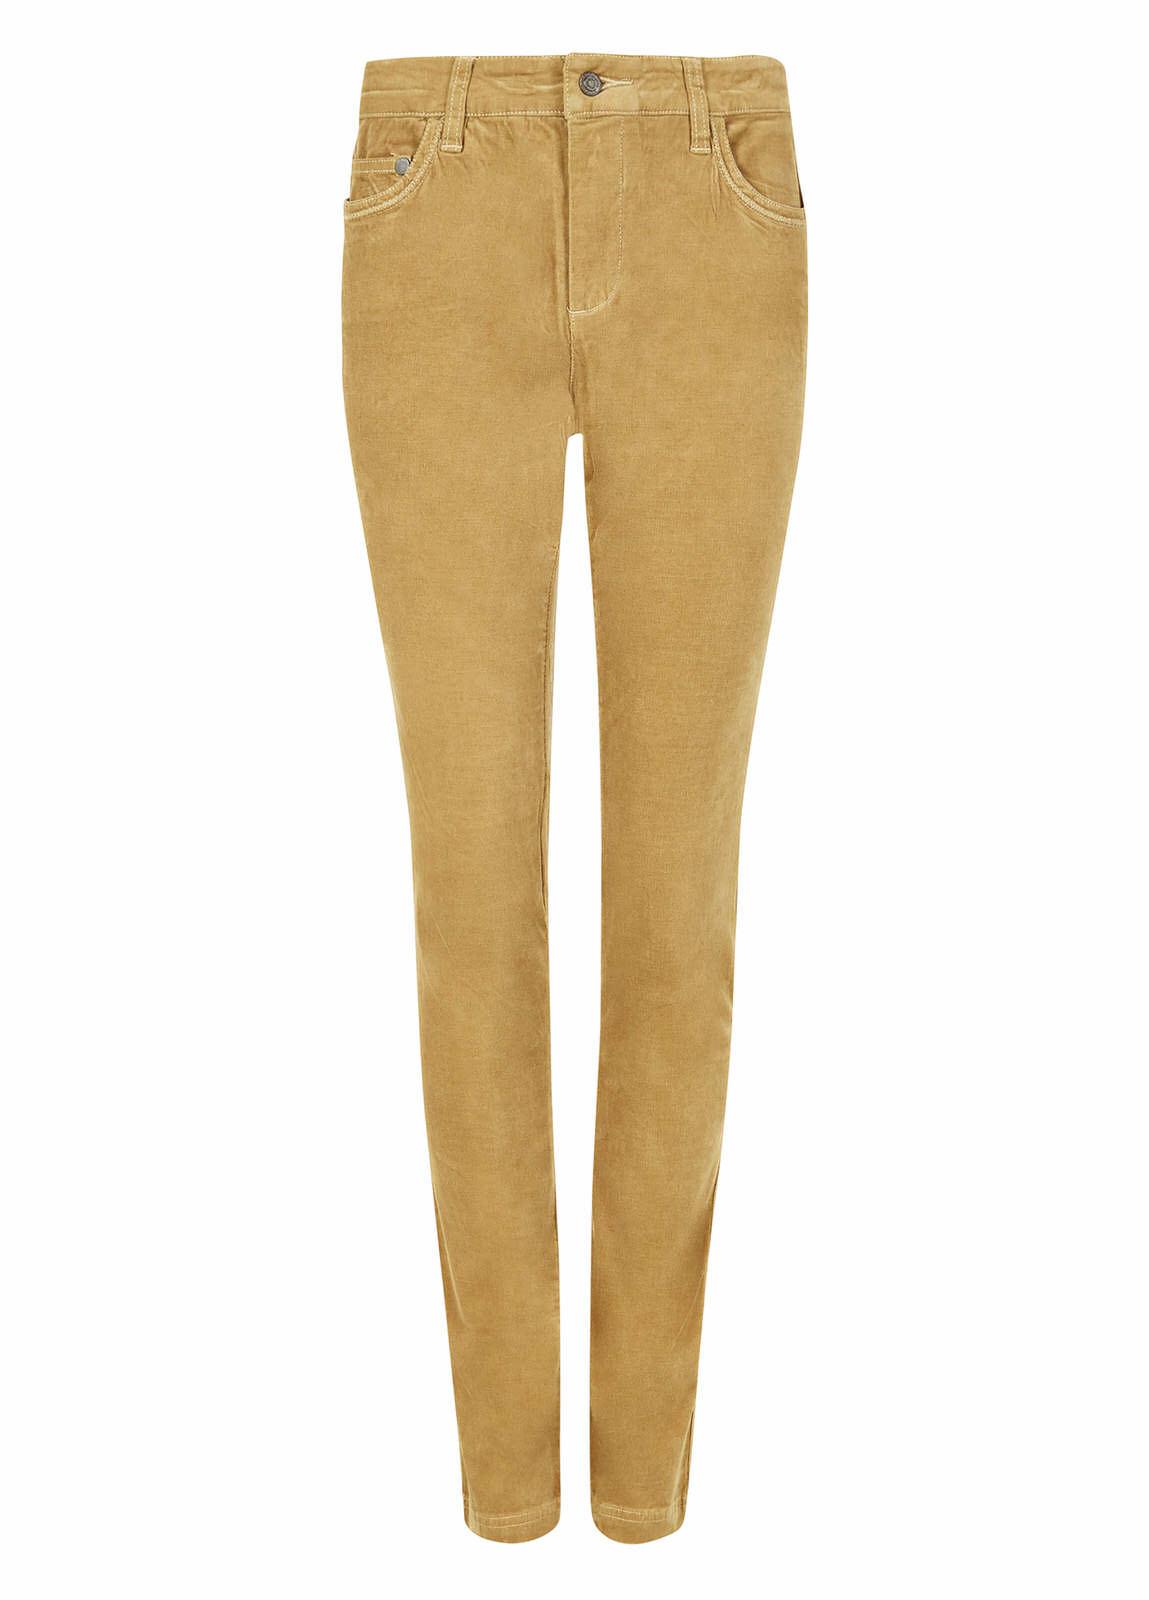 Honeysuckle_Jeans_Camel_Image_1